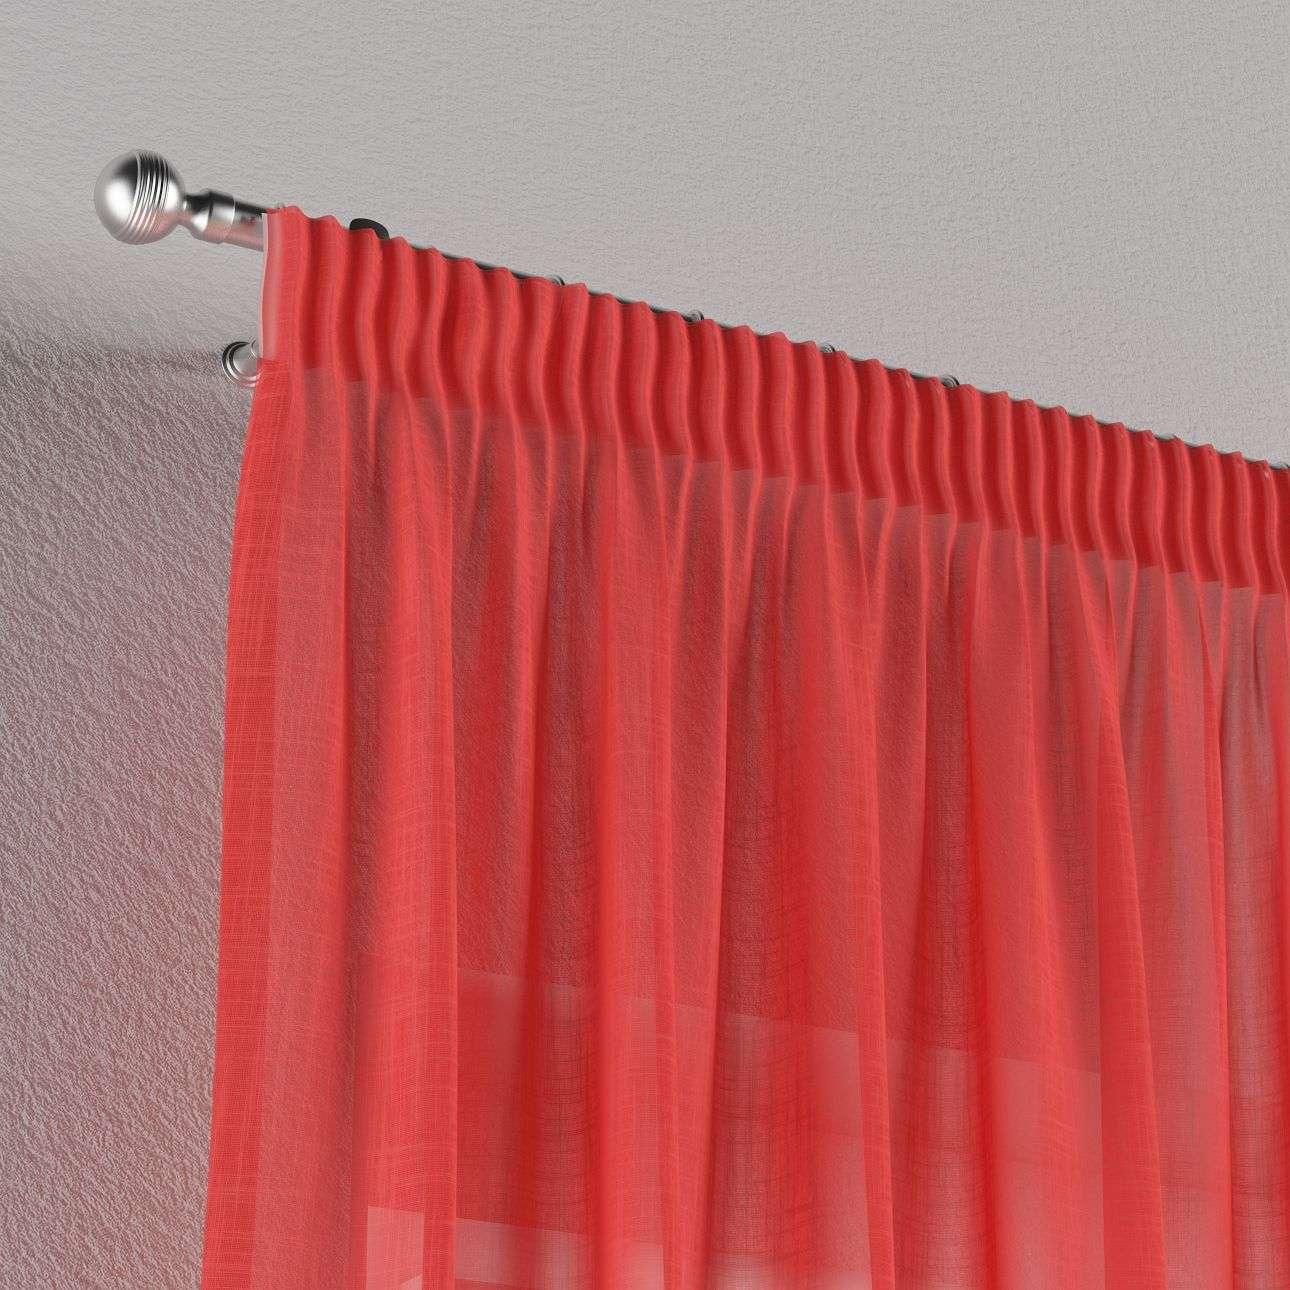 Vorhang mit Kräuselband 130 x 260 cm von der Kollektion Romantica, Stoff: 128-02